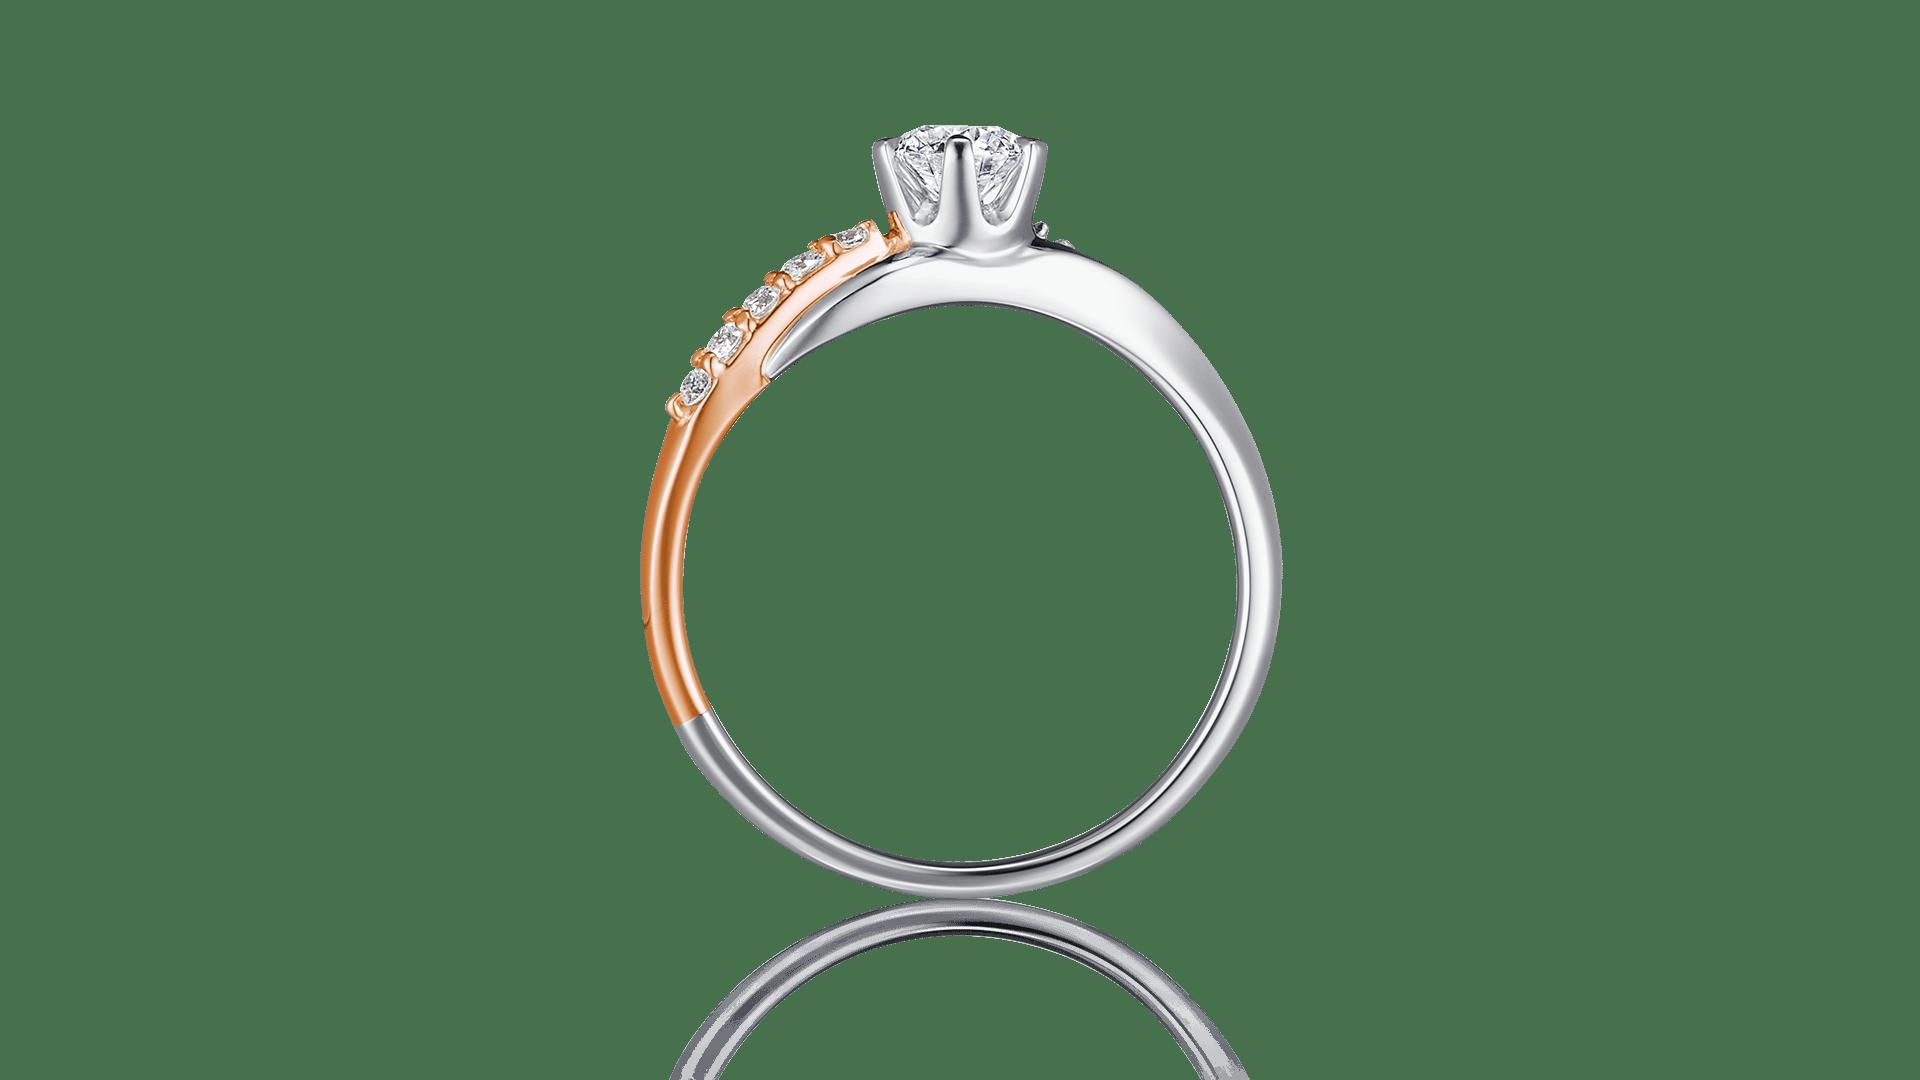 marfie マルフィ | 婚約指輪サムネイル 2